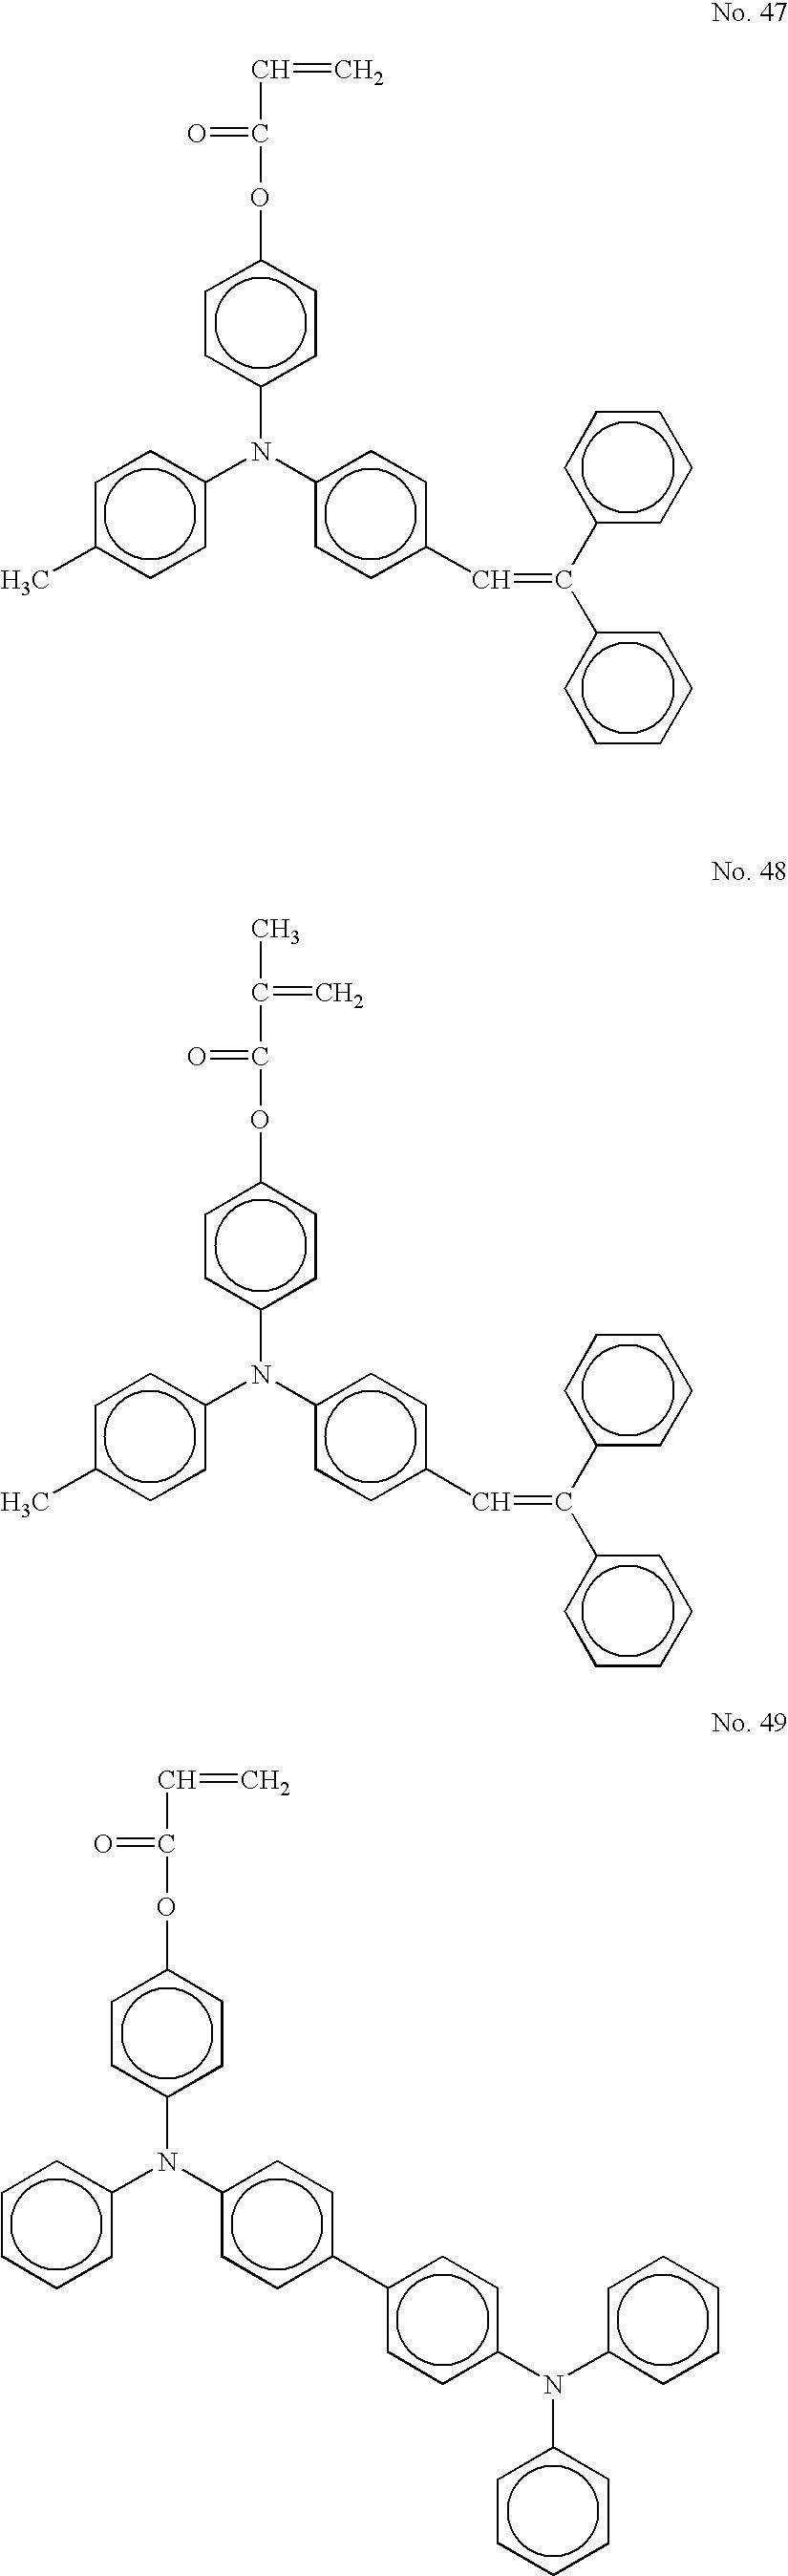 Figure US20050158641A1-20050721-C00029